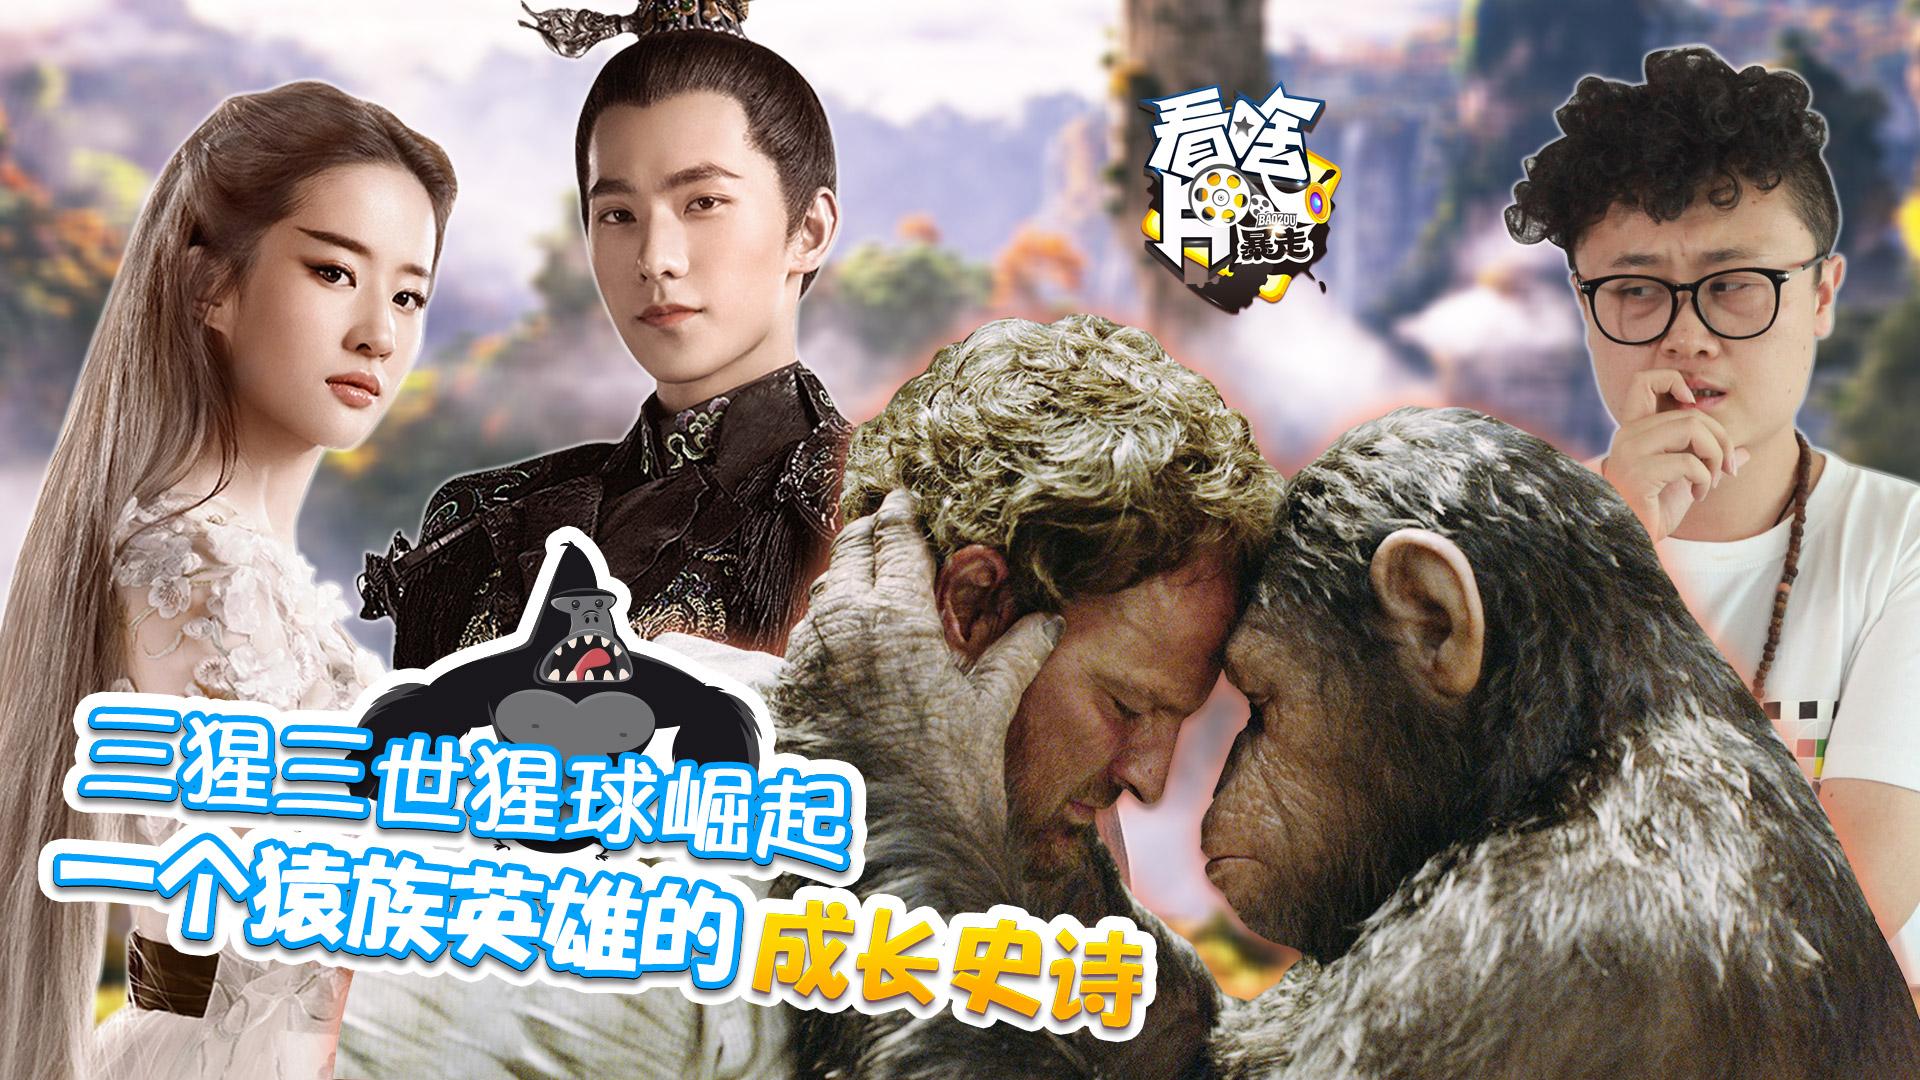 【暴走看啥片儿第三季】106 三猩三世猩球崛起